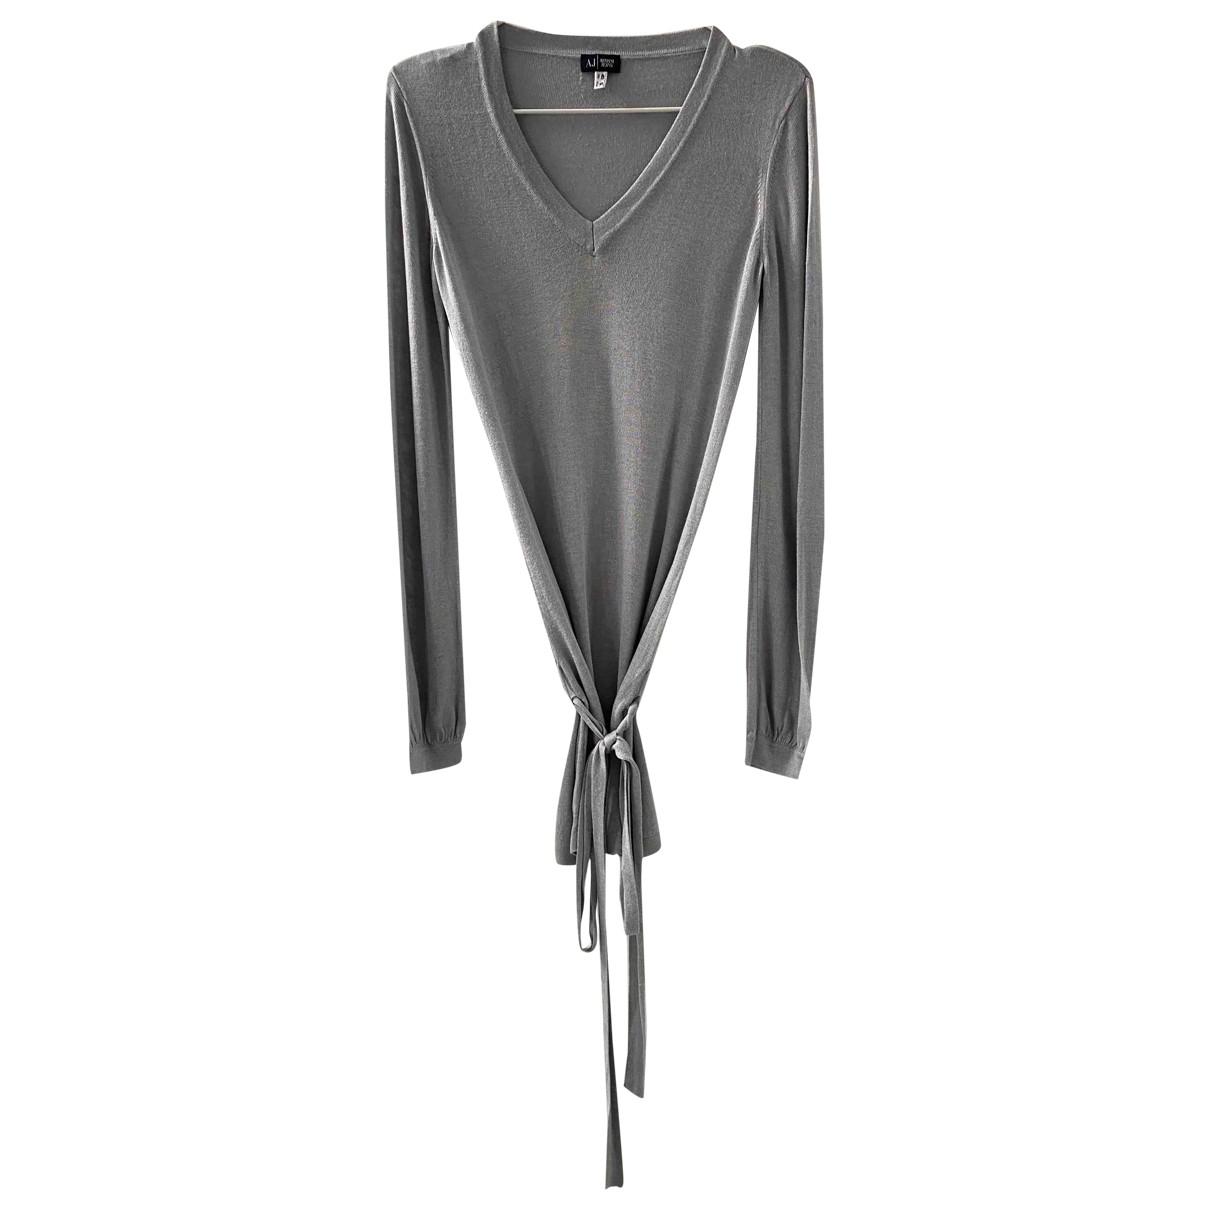 Armani Jeans \N Kleid in  Grau Wolle